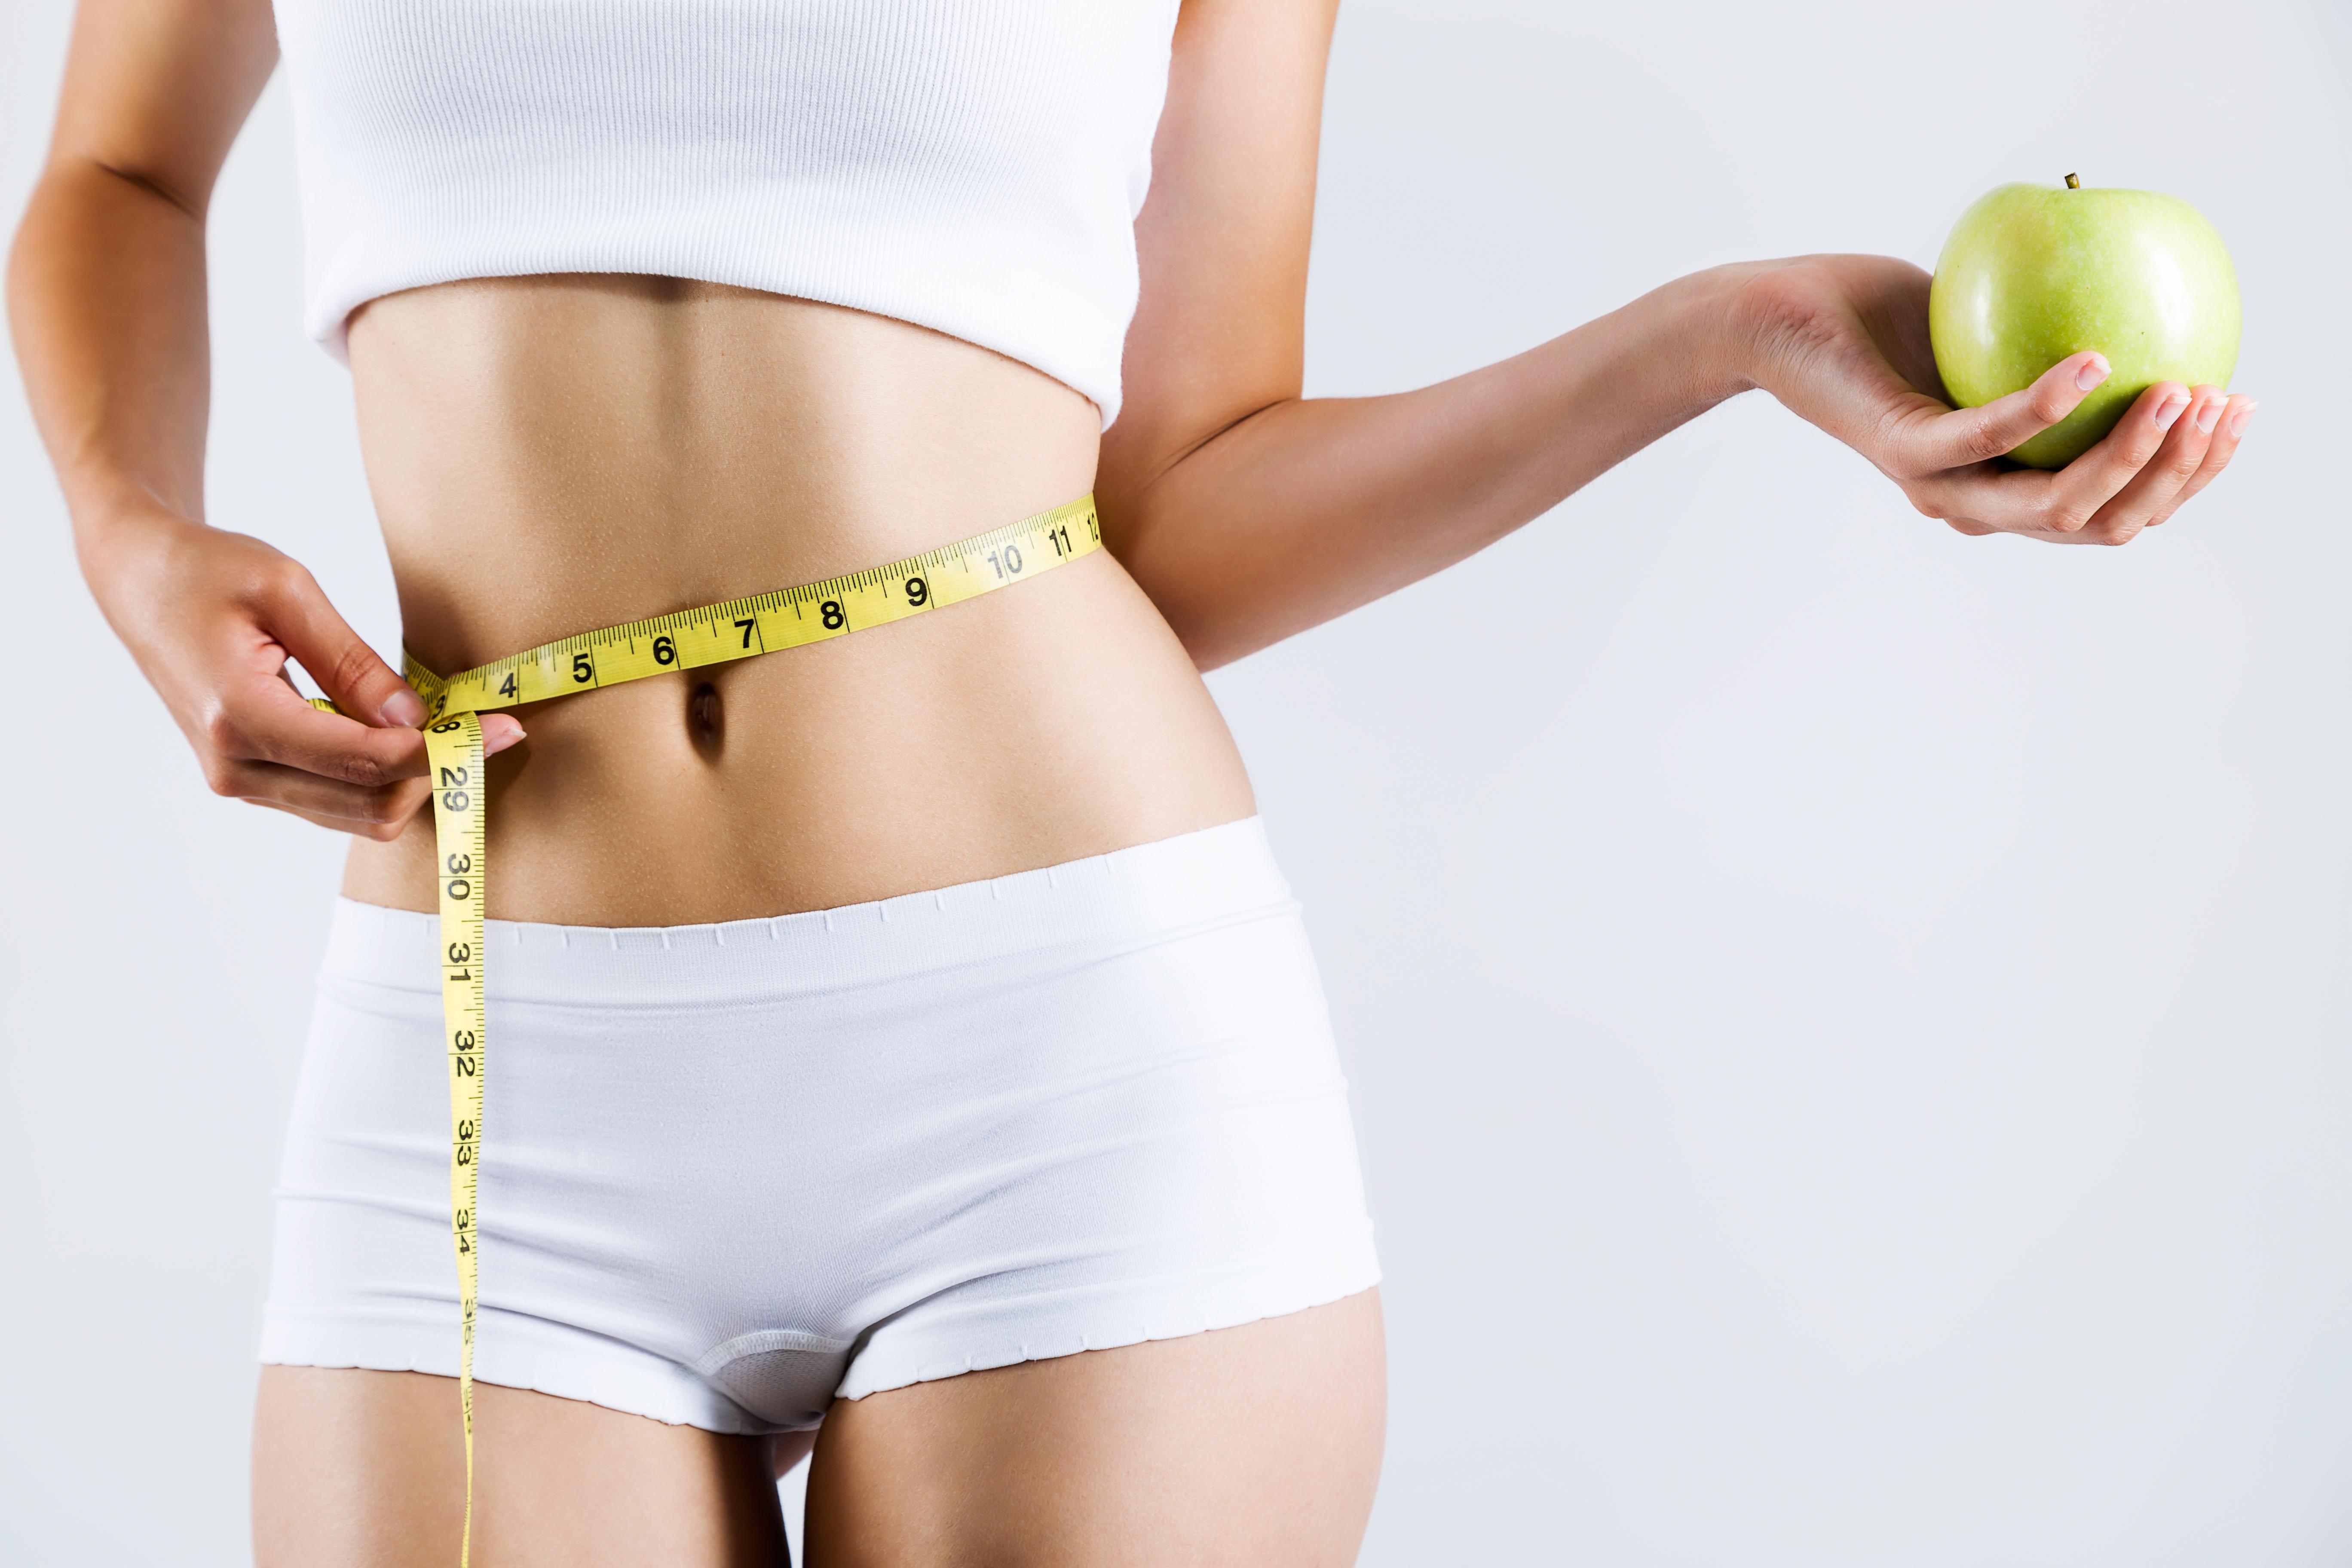 slăbește 1 săptămână 1 kg